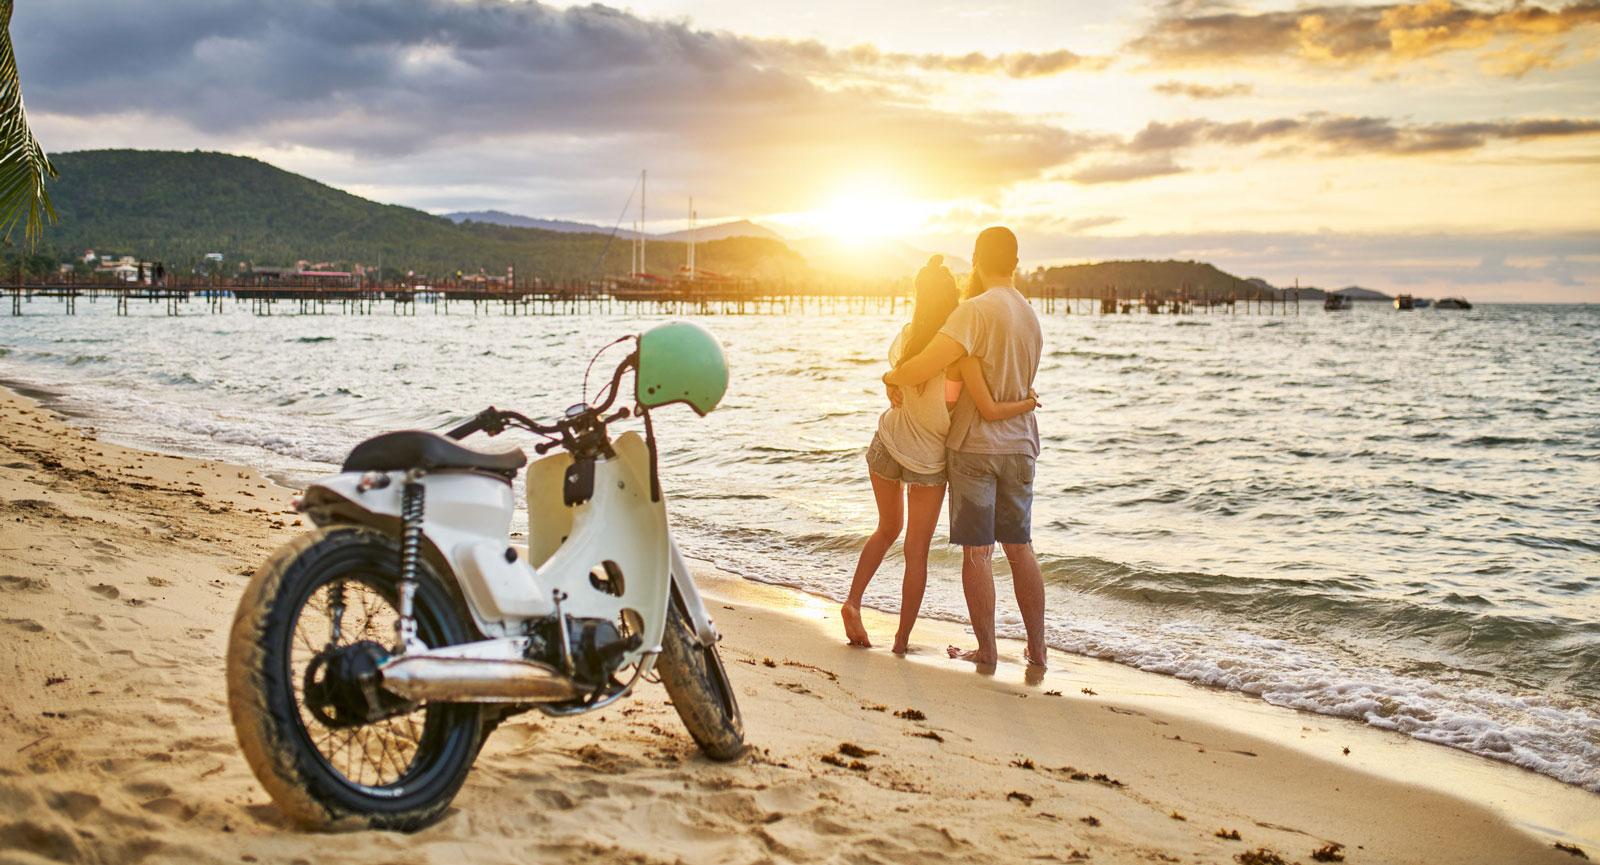 Har du tänkt åka till Thailand i vinter? Ett internationellt körkort är bra att ha om du får lust att hyra en scooter och utforska miljön bortom hotellet.